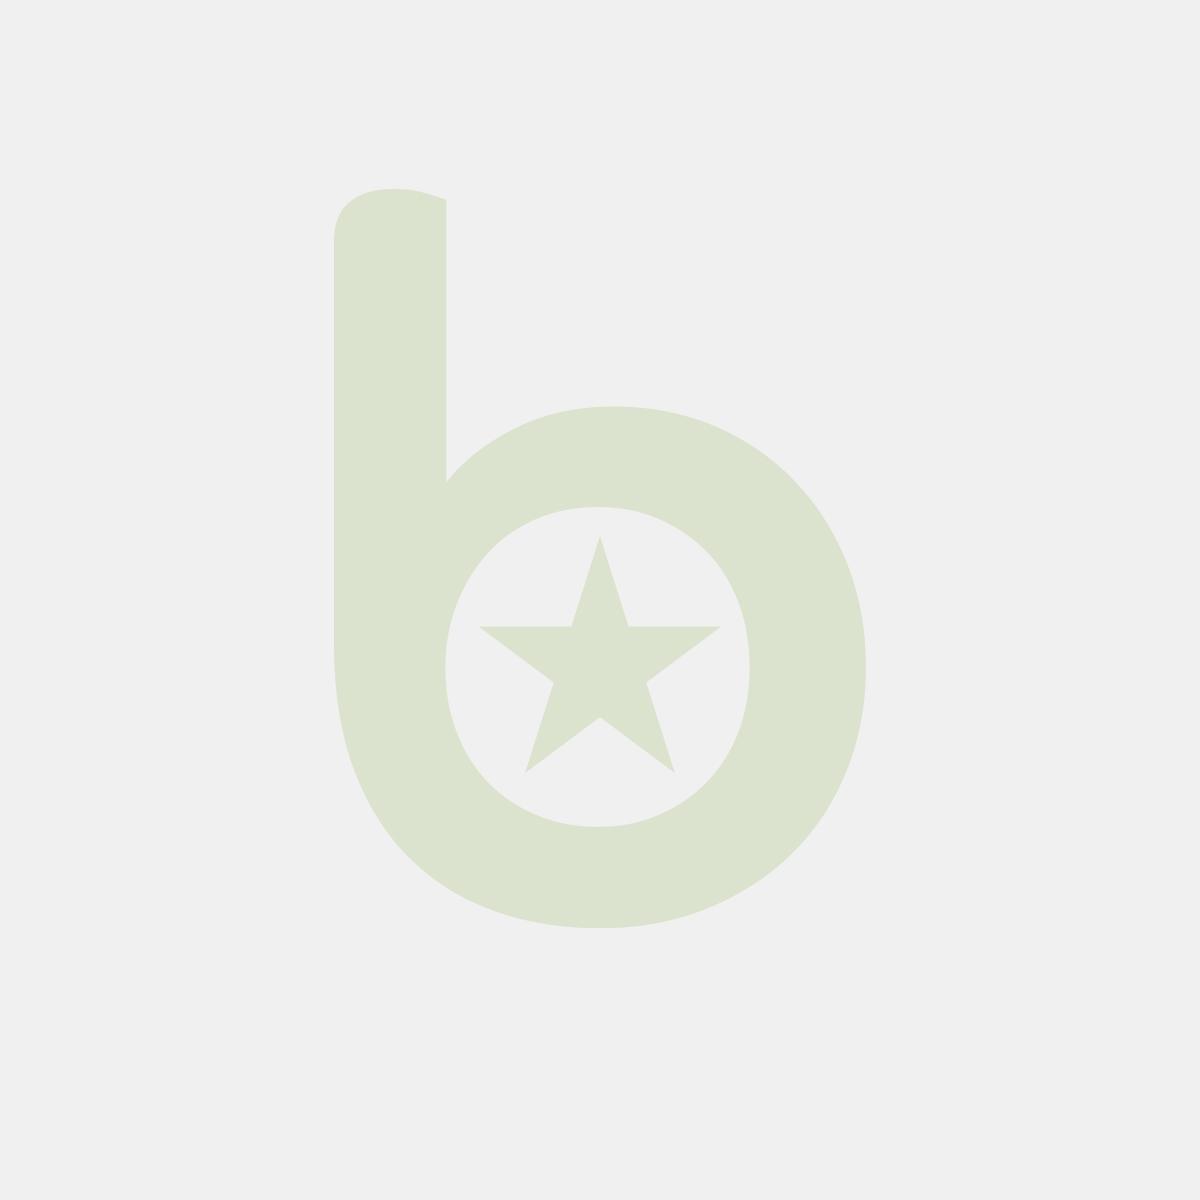 Kubek do sorbetu/granity/slush Płaski dekielek 350 ml/12oz zielony, cena za opakowanie 54szt